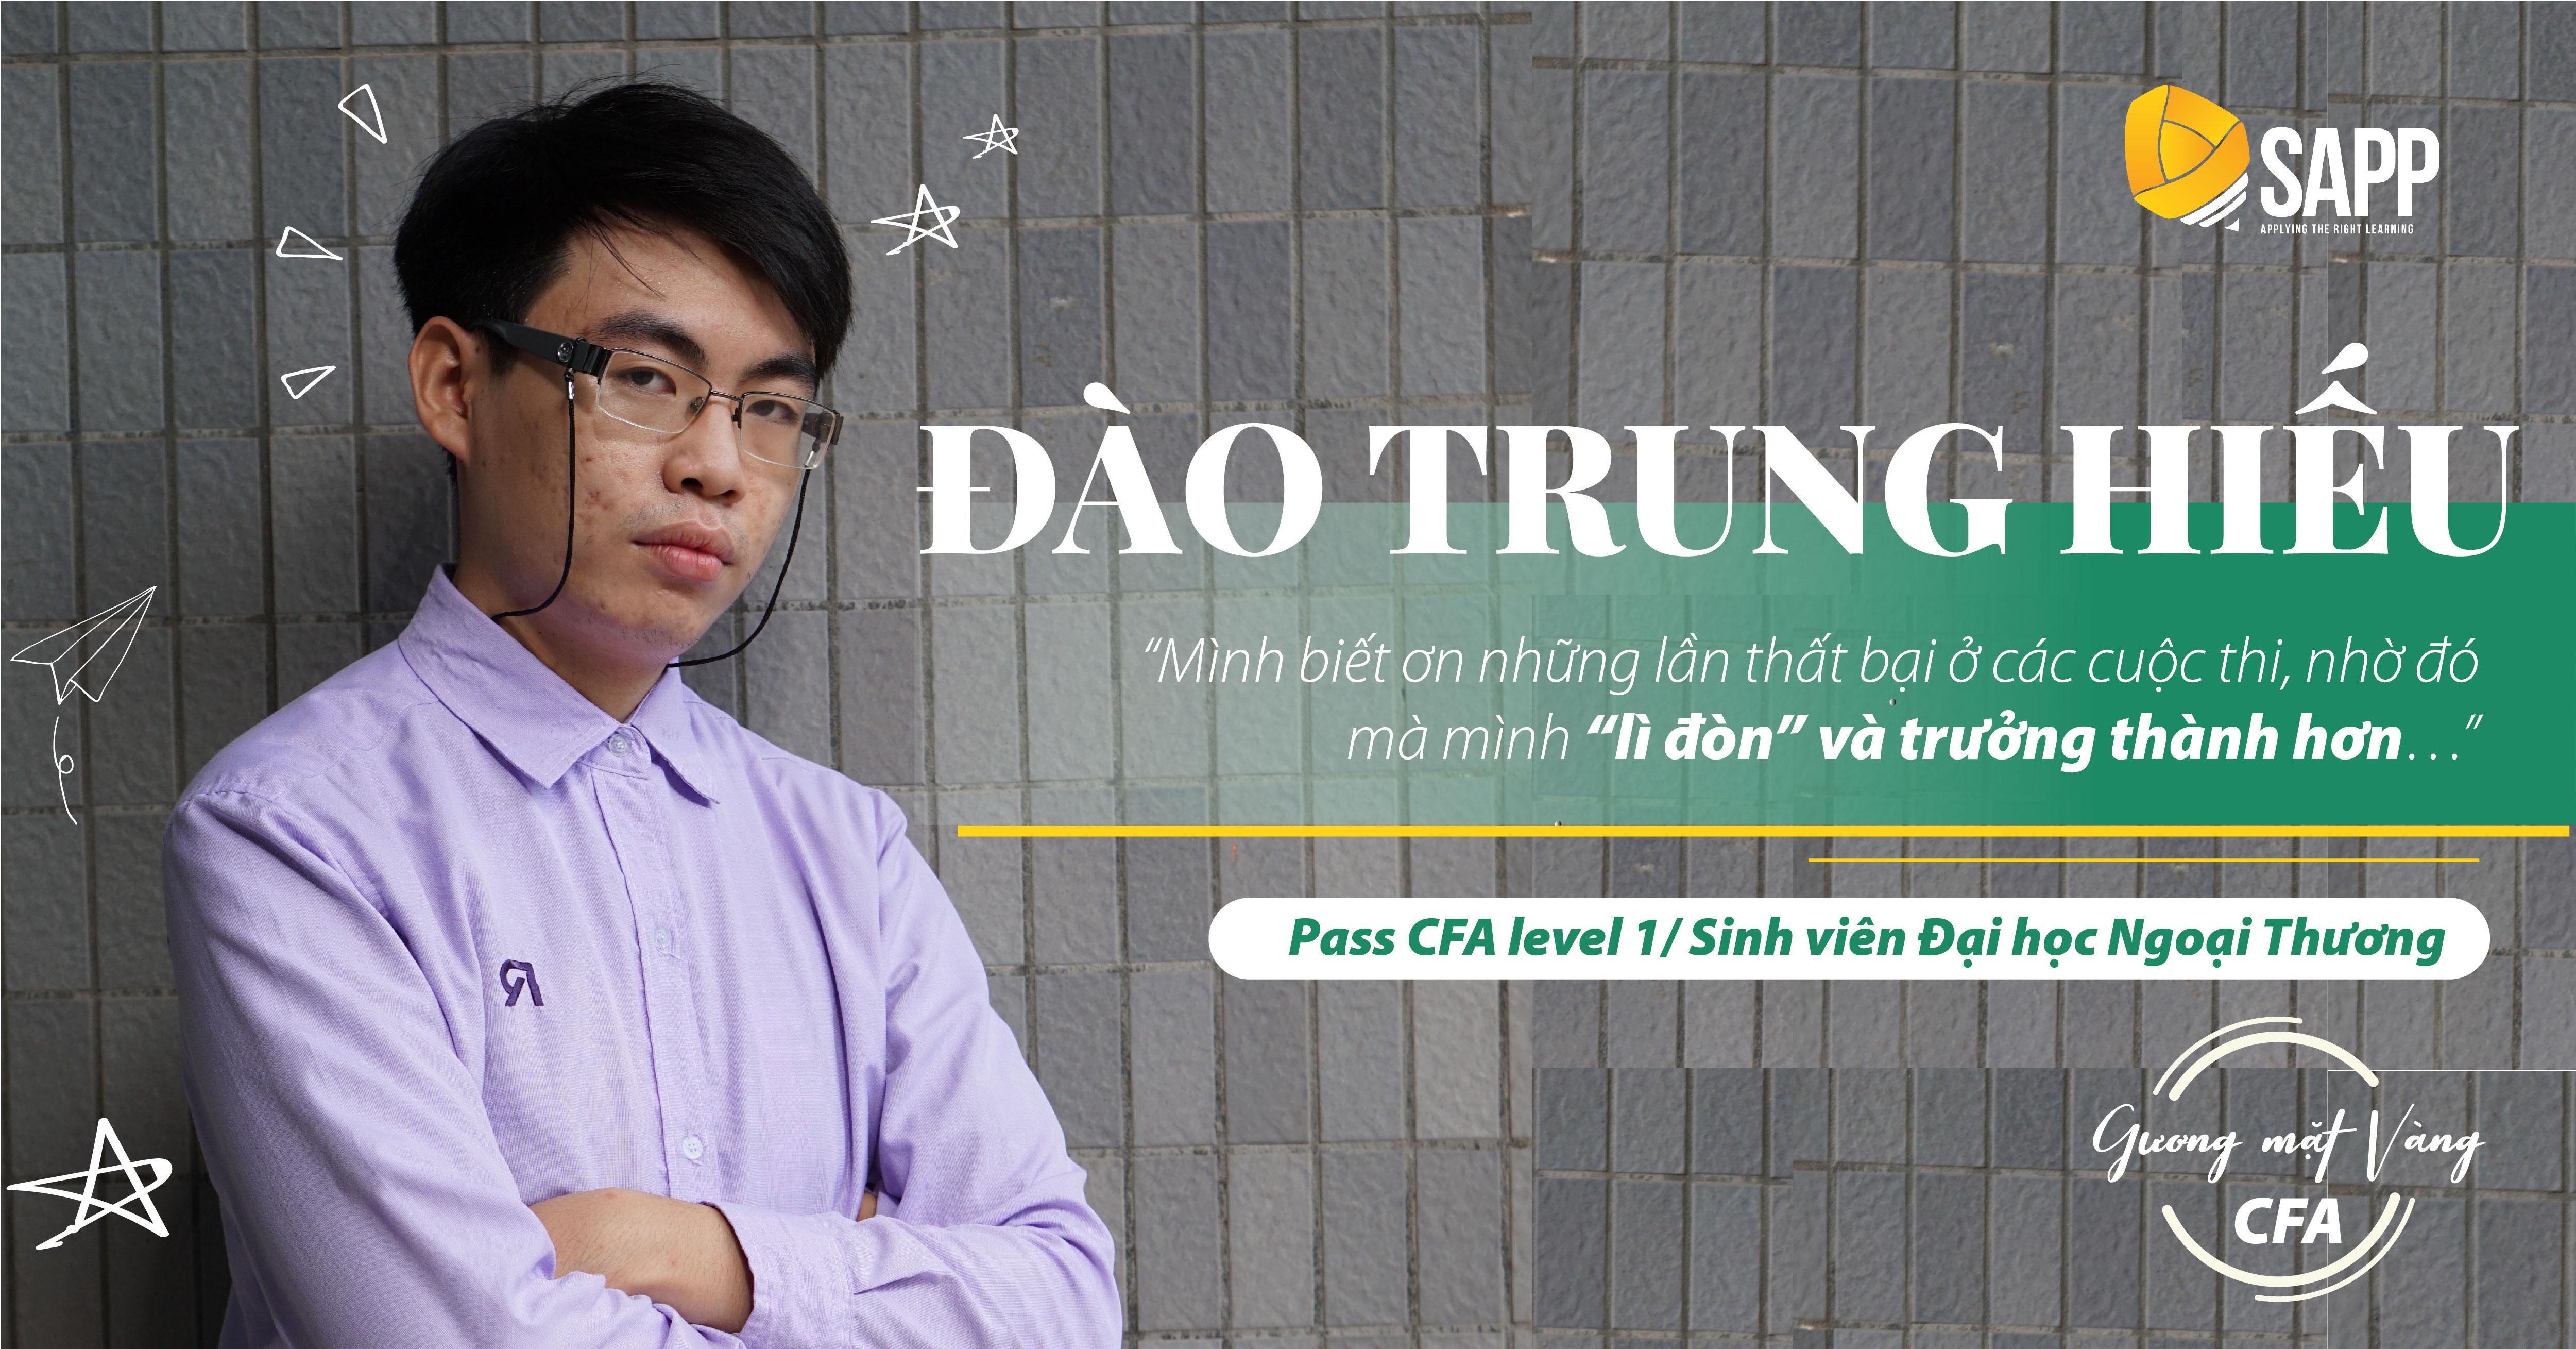 Đào Trung Hiếu: Từ 5 Lần Trượt Các Cuộc Thi Tài Chính Đến Pass CFA Level 1 Ngay Từ Năm 2 Đại Học.